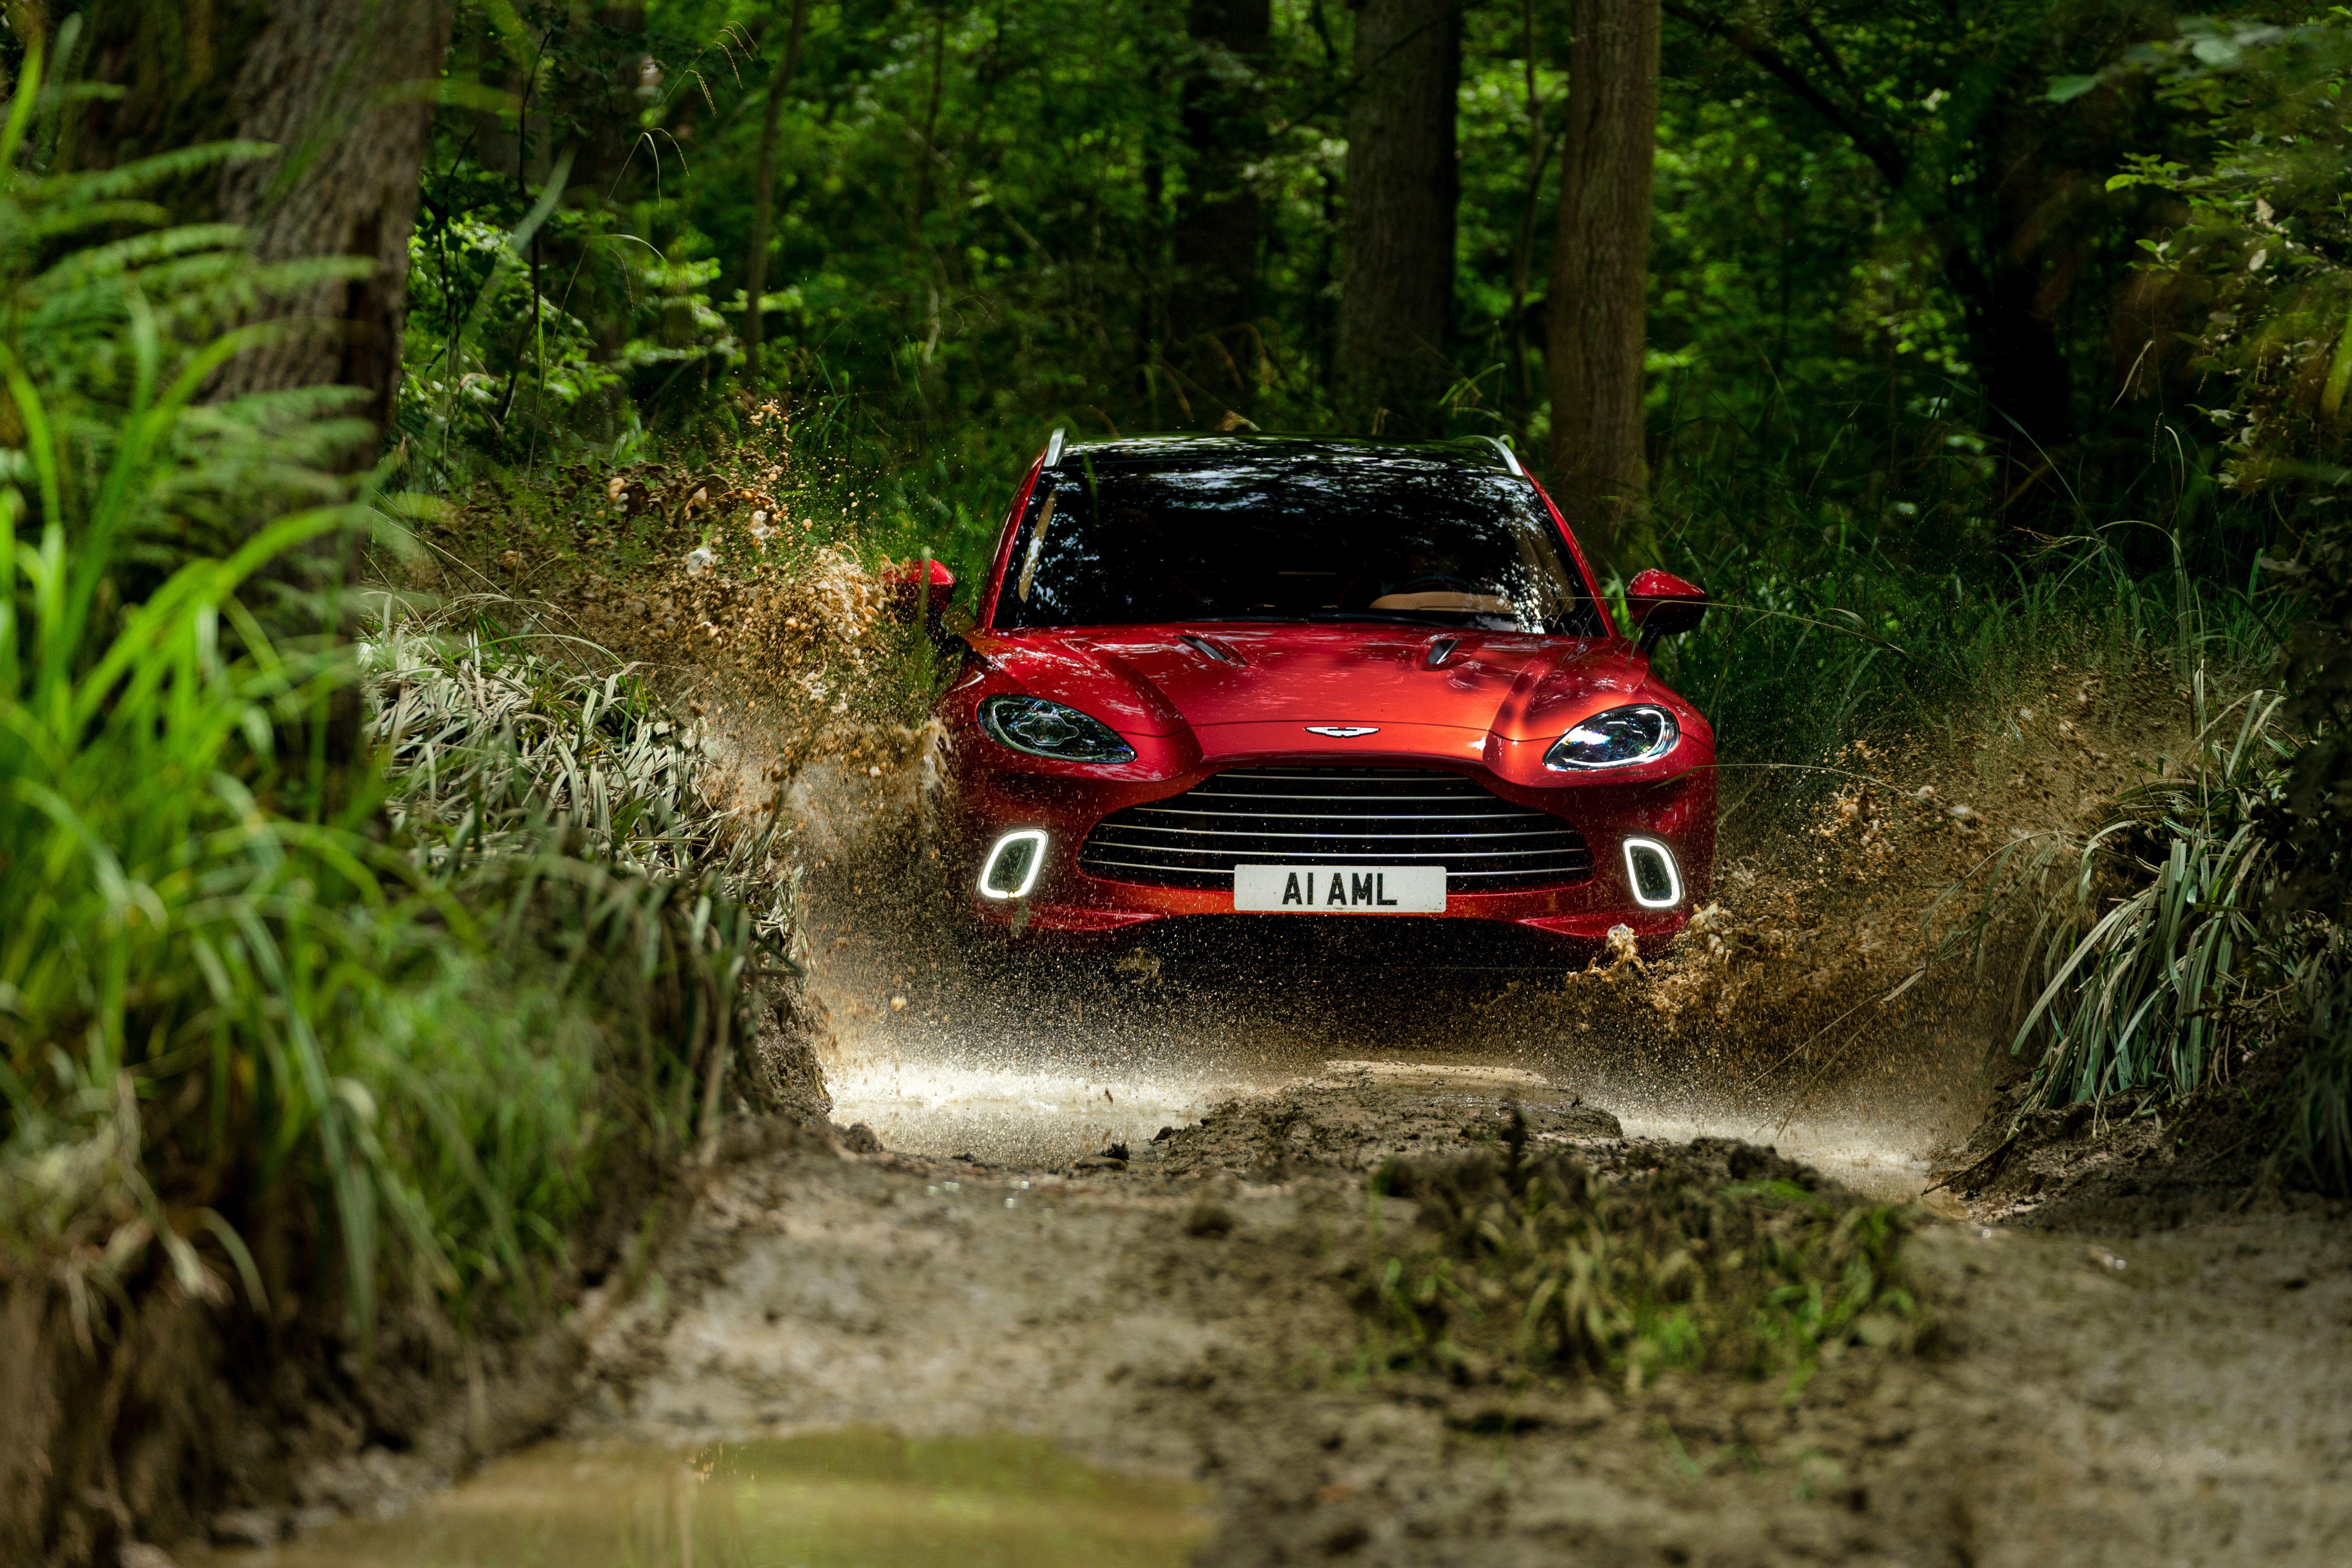 2021 Aston Martin Dbx Shines When Driven Hard